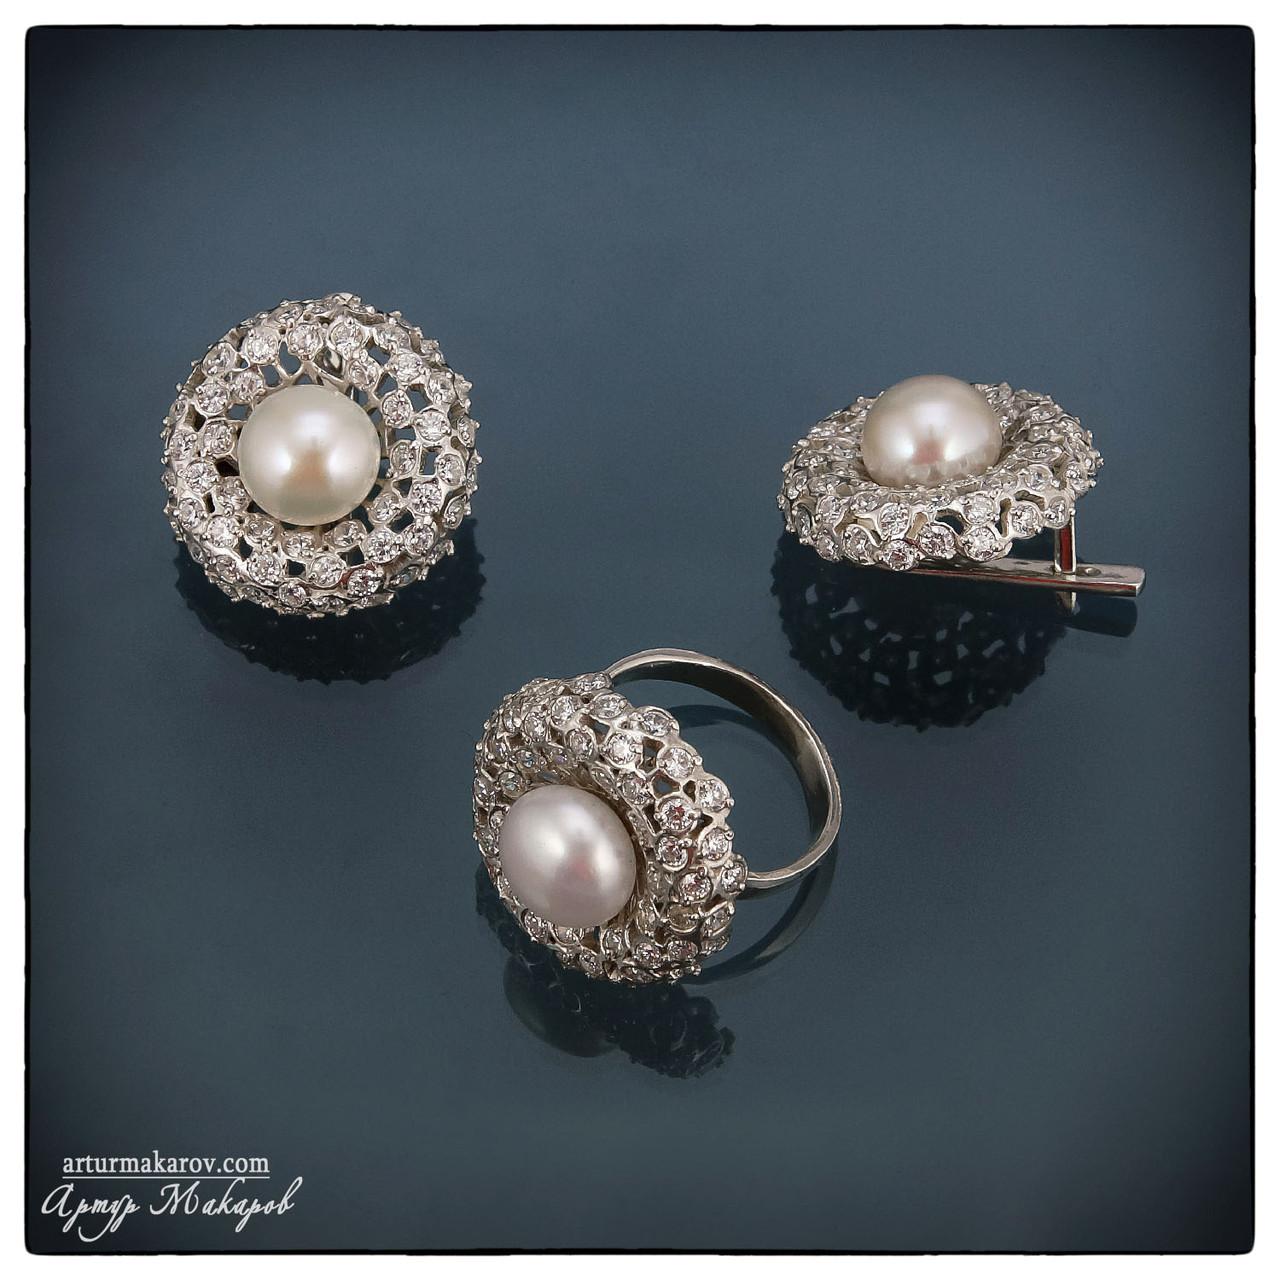 предметная фотосъемка ювелирных украшений из серебра